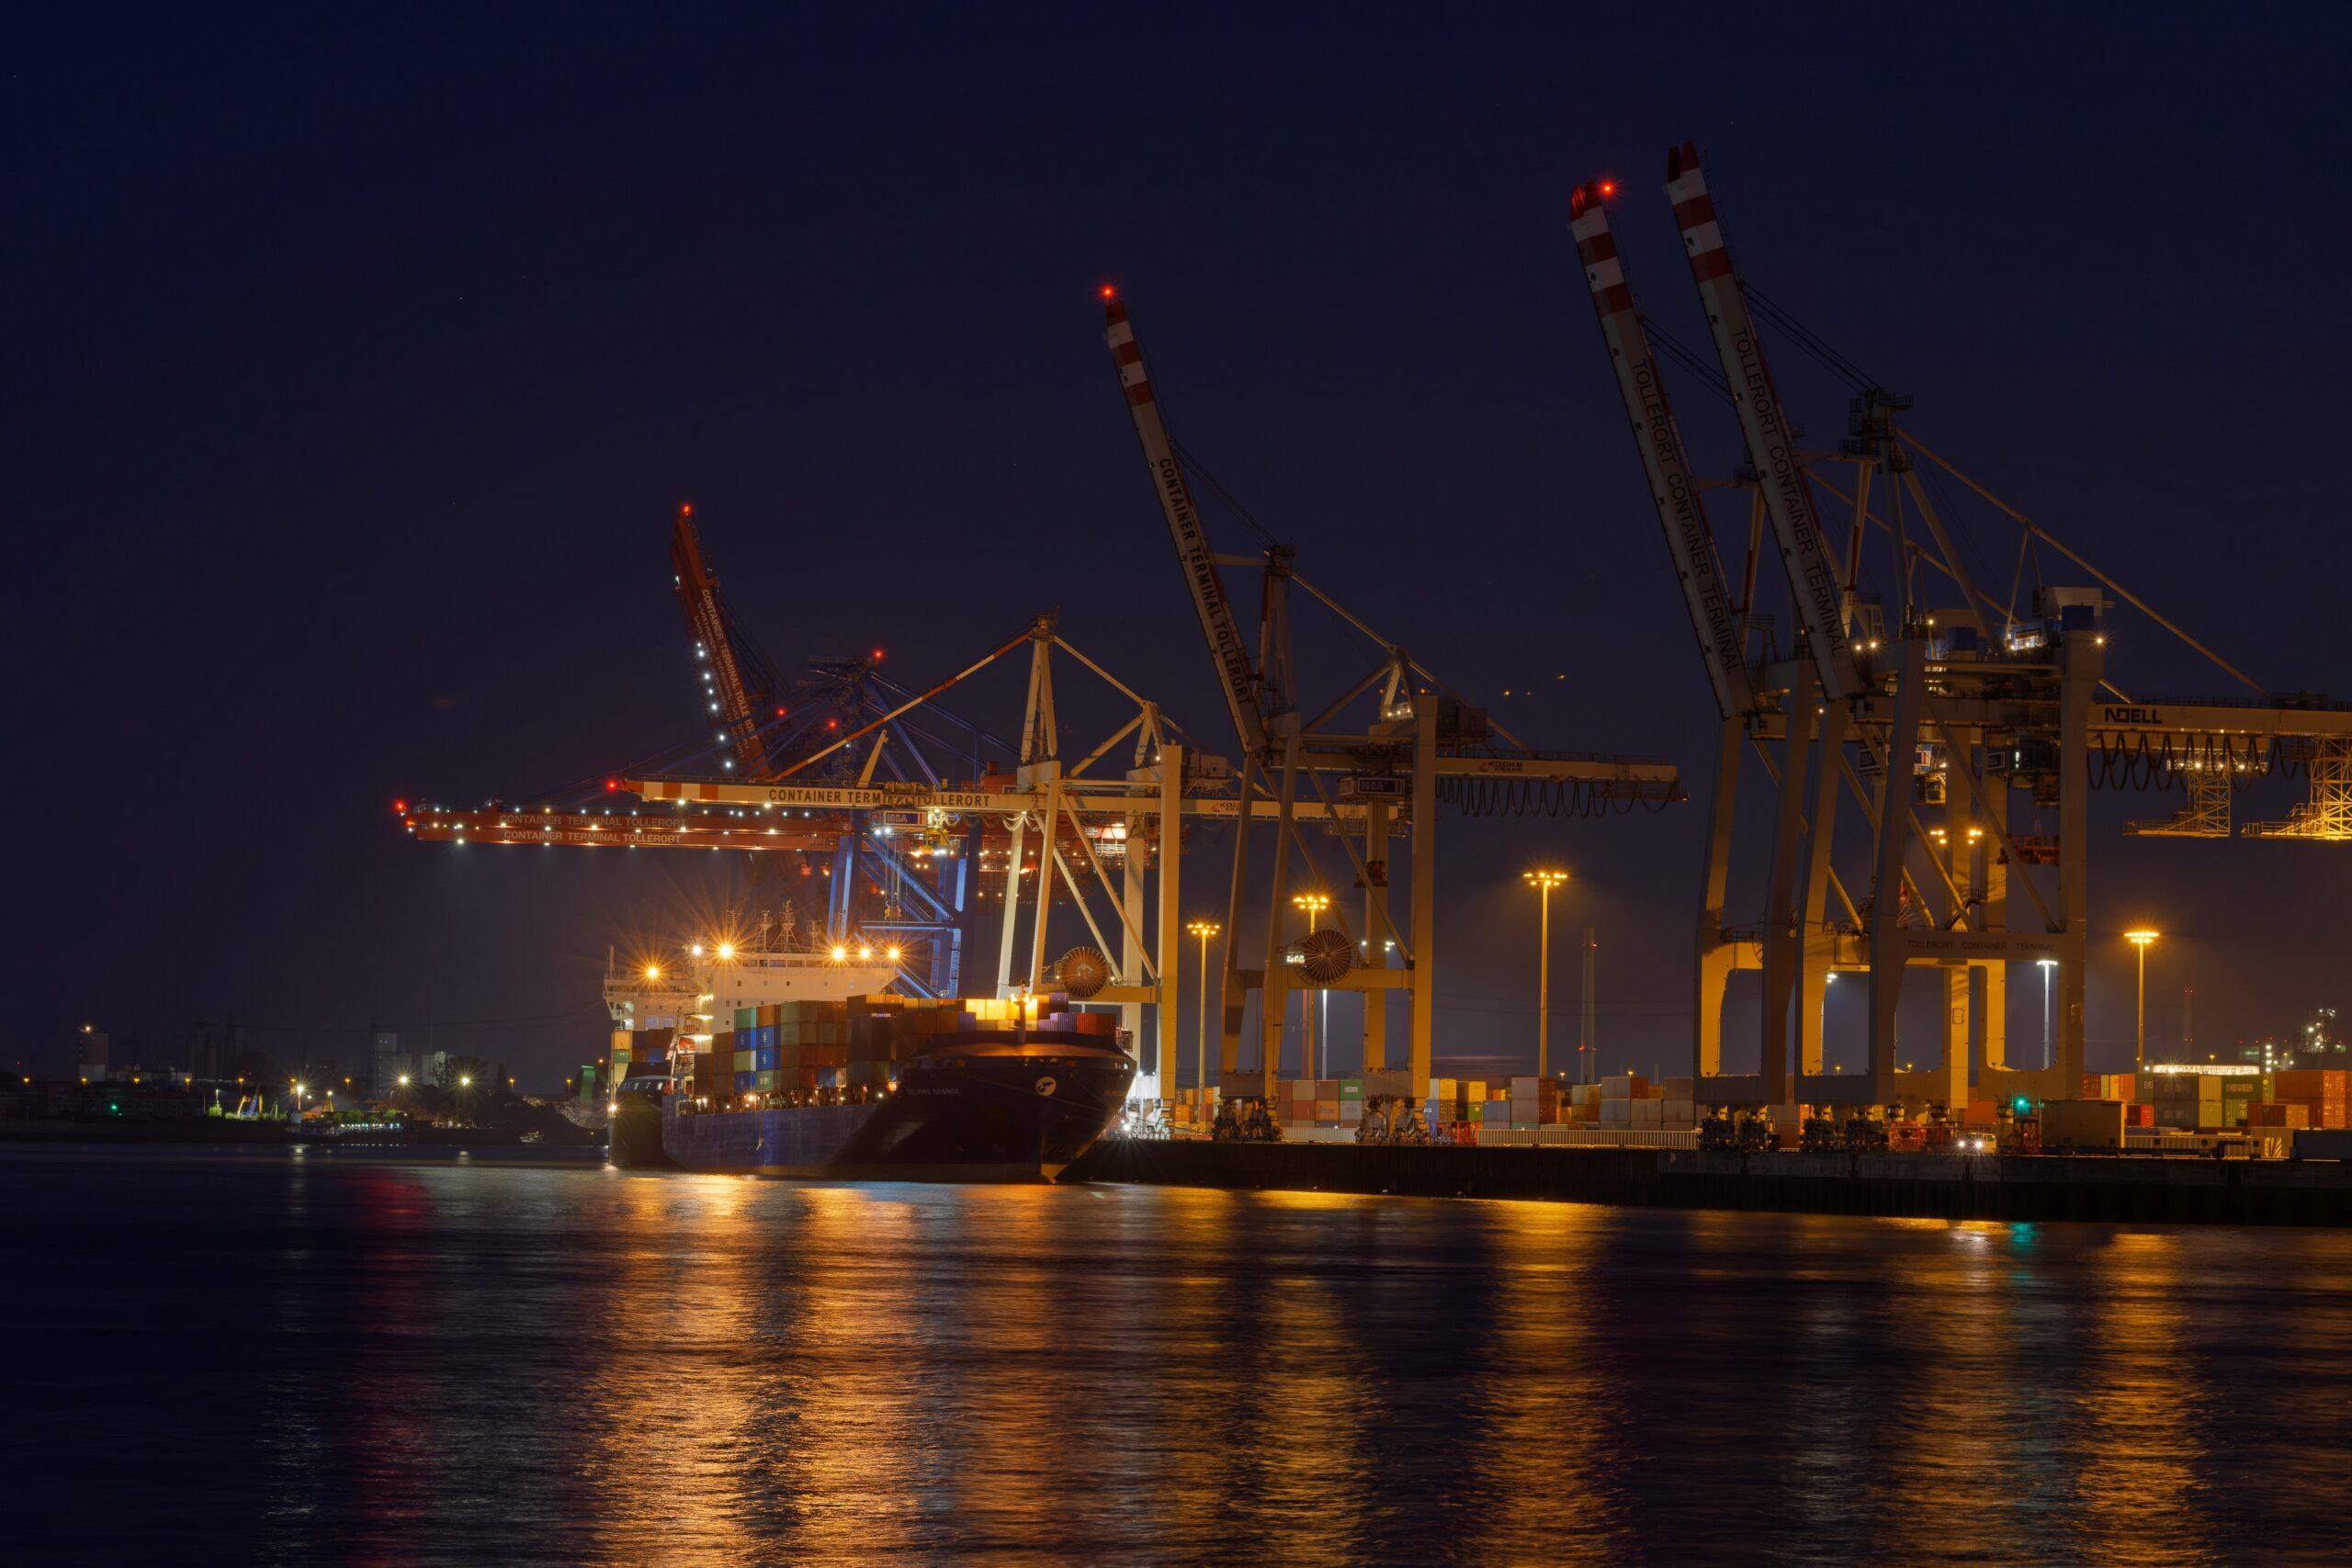 Matthias - Fischmarkt am Abend 01.06.2021 - Containerhafen